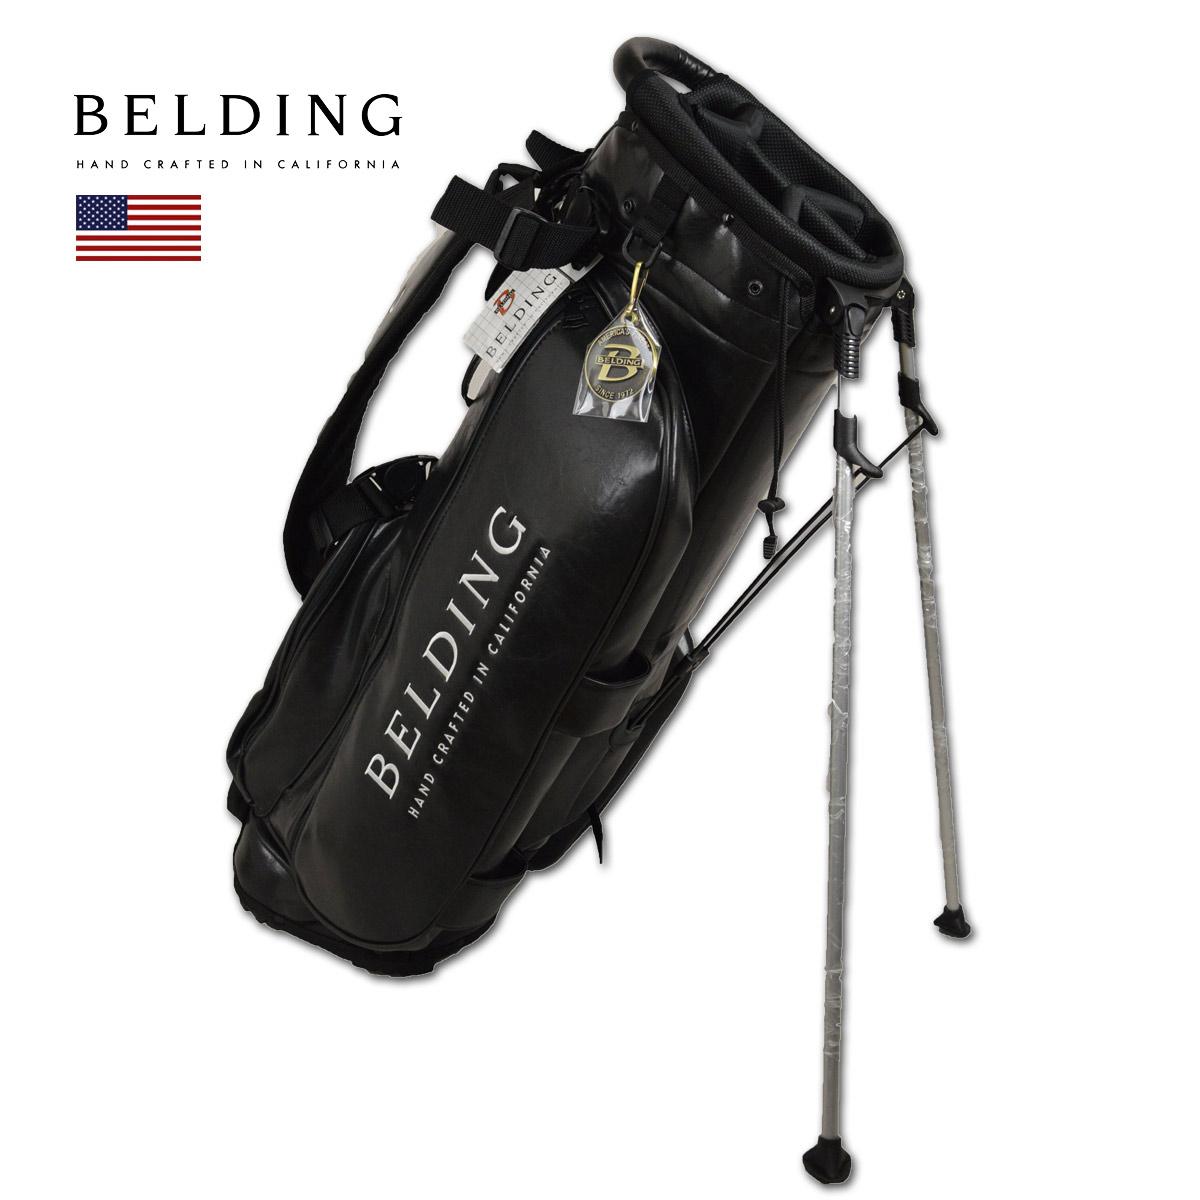 BELDING キャディバッグ メンズ 黒 スタンド式 hbcb-850119【 あす楽 送料無料 】[ ベルディング ゴルフ スタンド 8.5インチ 5分割 サンバード 2.0 スタンドバッグ ブラック ゴルフバッグ かっこいい おしゃれ golf 高級 レア 父の日 限定 キャディーバッグ ]